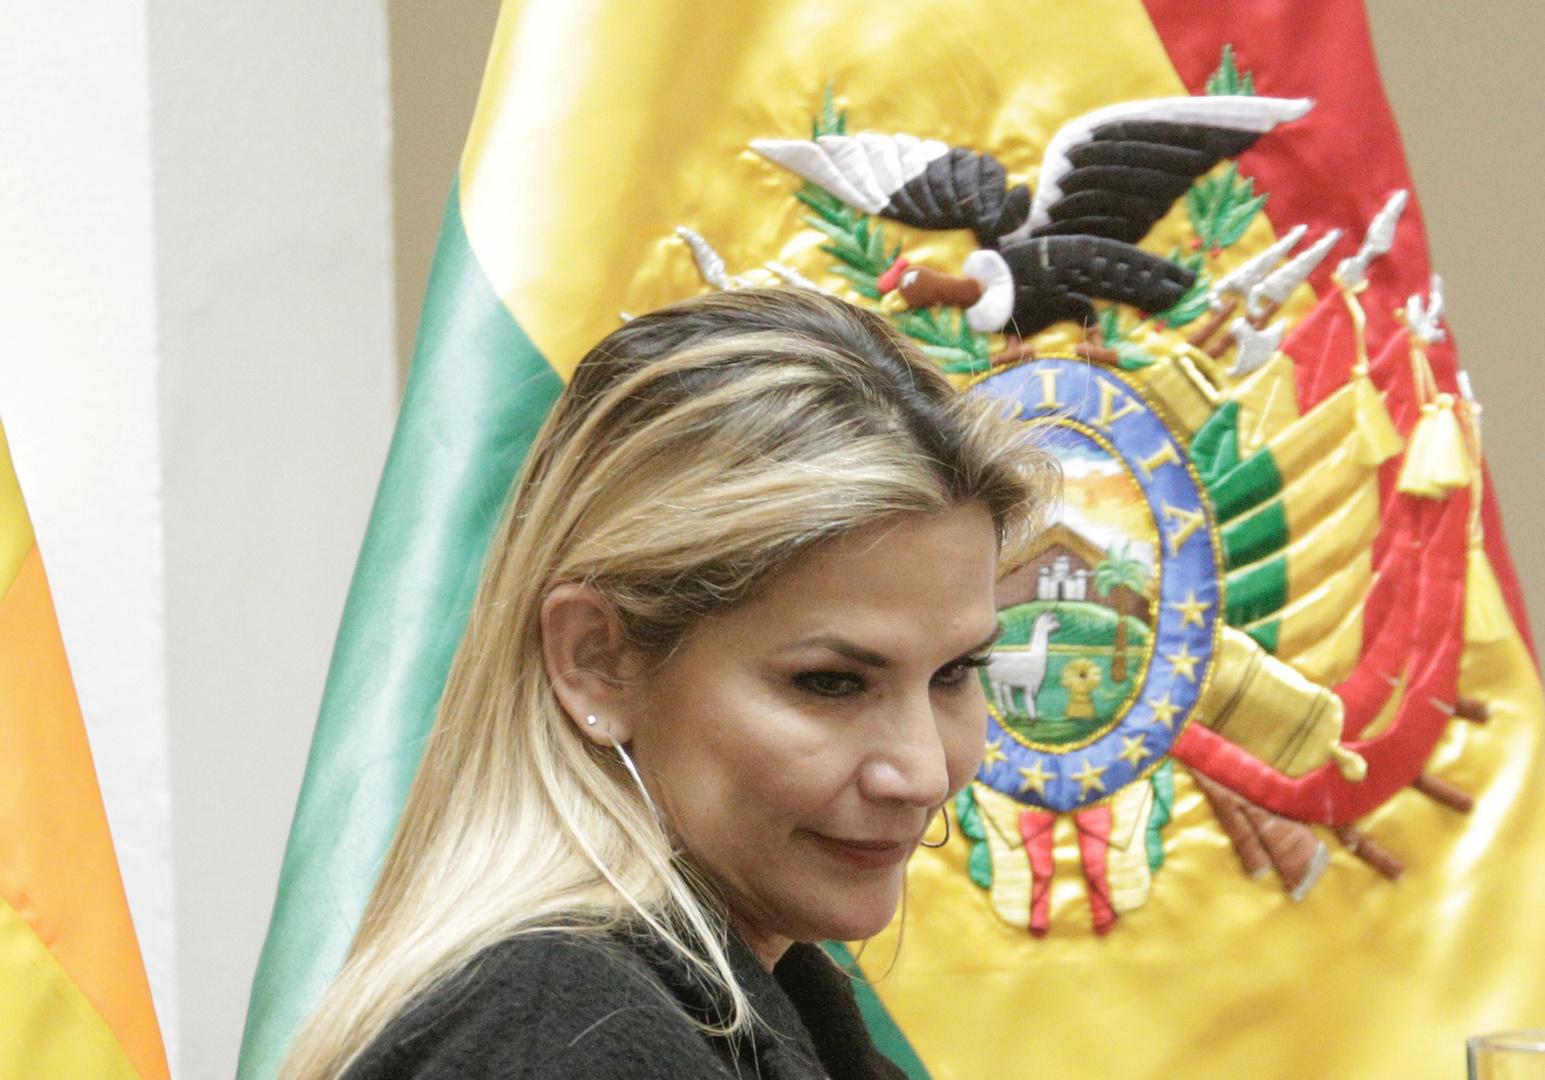 بوليفيا.. اعتقال الرئيسة المؤقتة السابقة ووزيرين بتهمة الإرهاب والخيانة